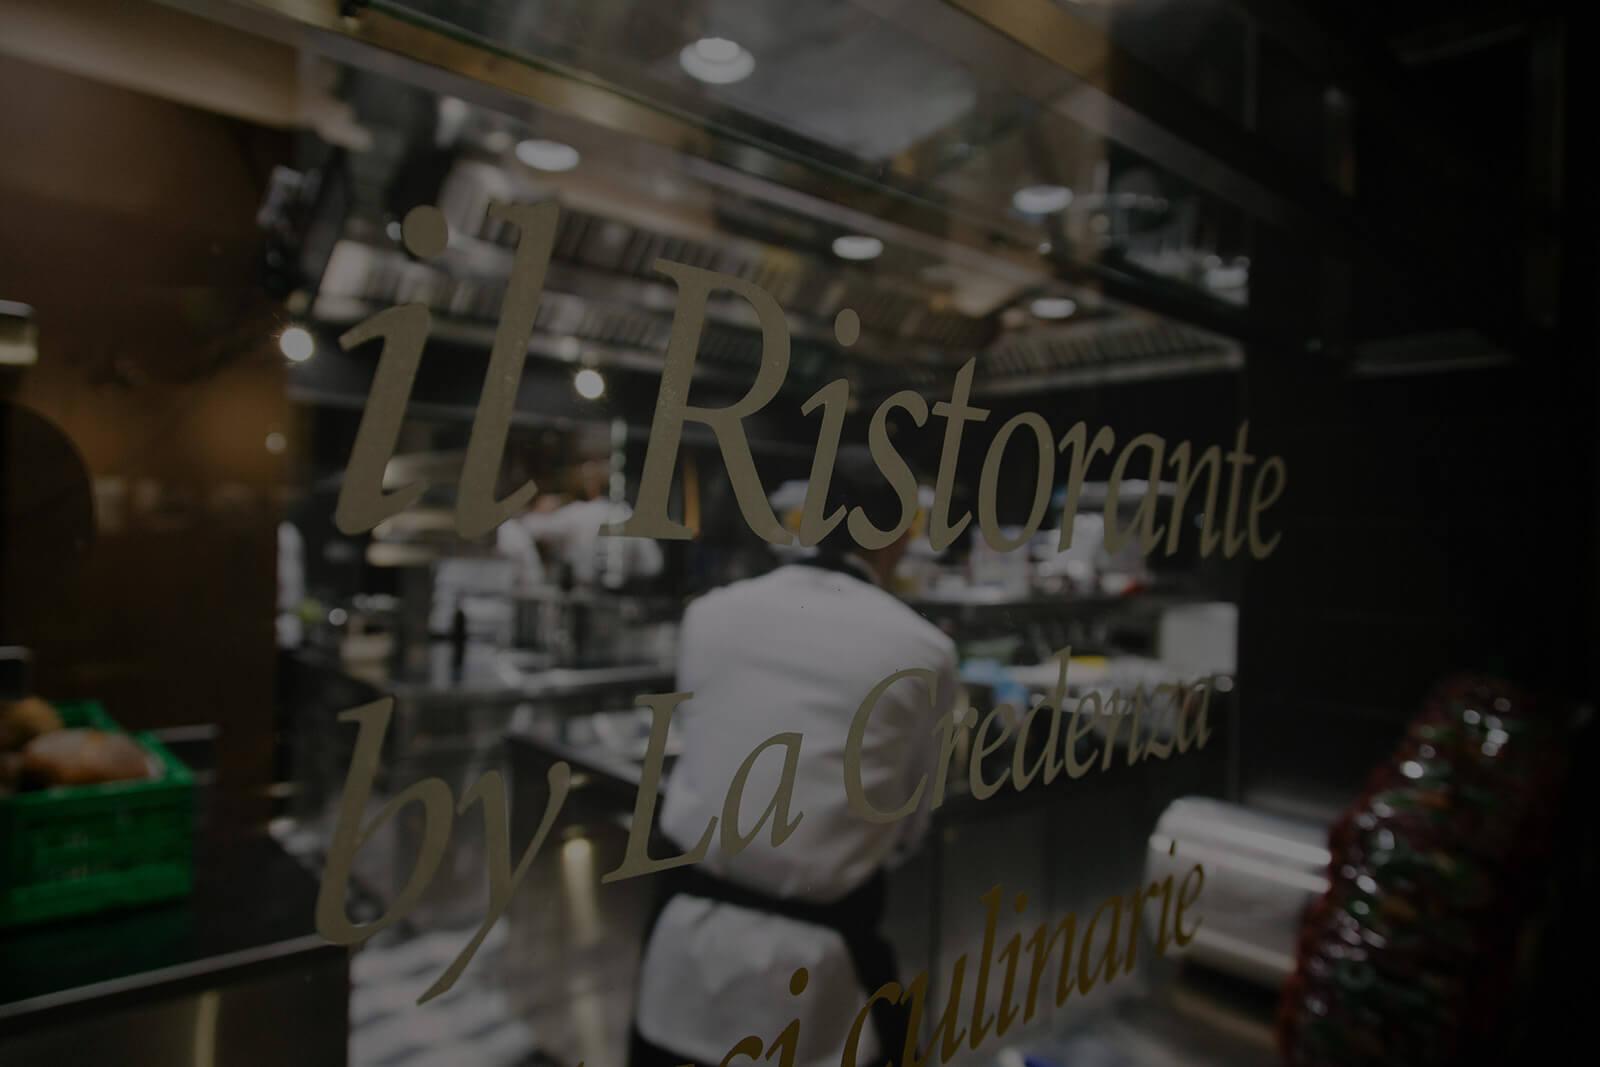 La Credenza Bistrot Torino : Home page fiorfood è tutto questo nel cuore di torino